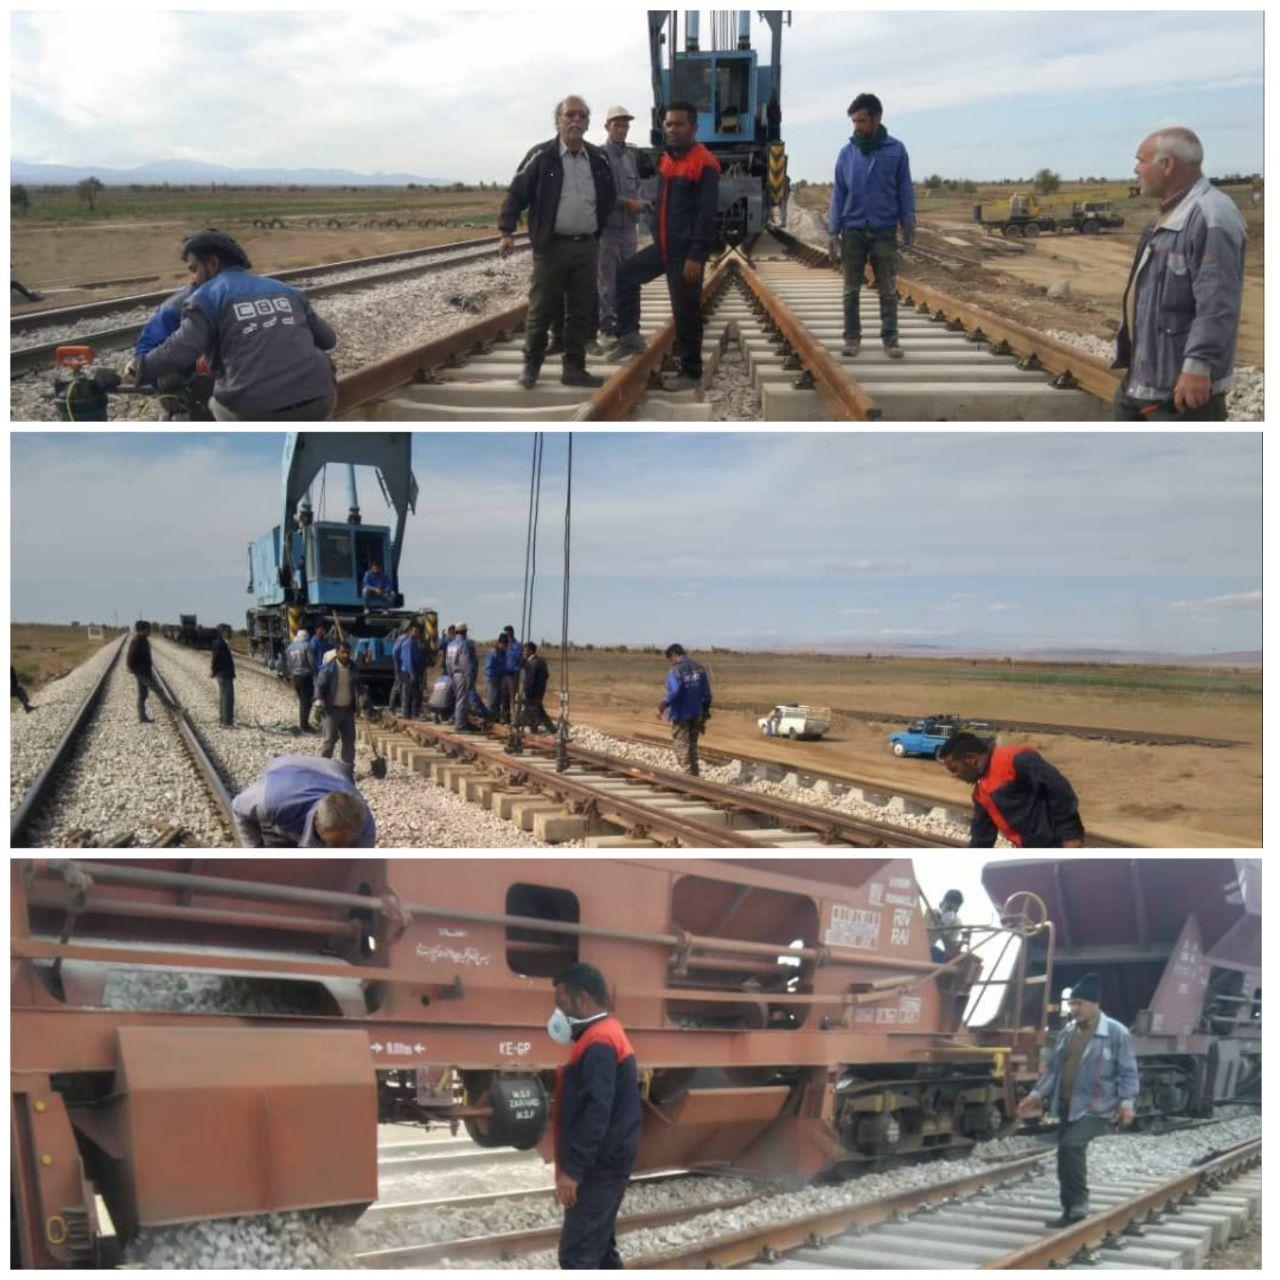 آغاز عملیات نصب ۱۶۰ دستگاه سوزن بتنی در اداره کل راه آهن خراسان